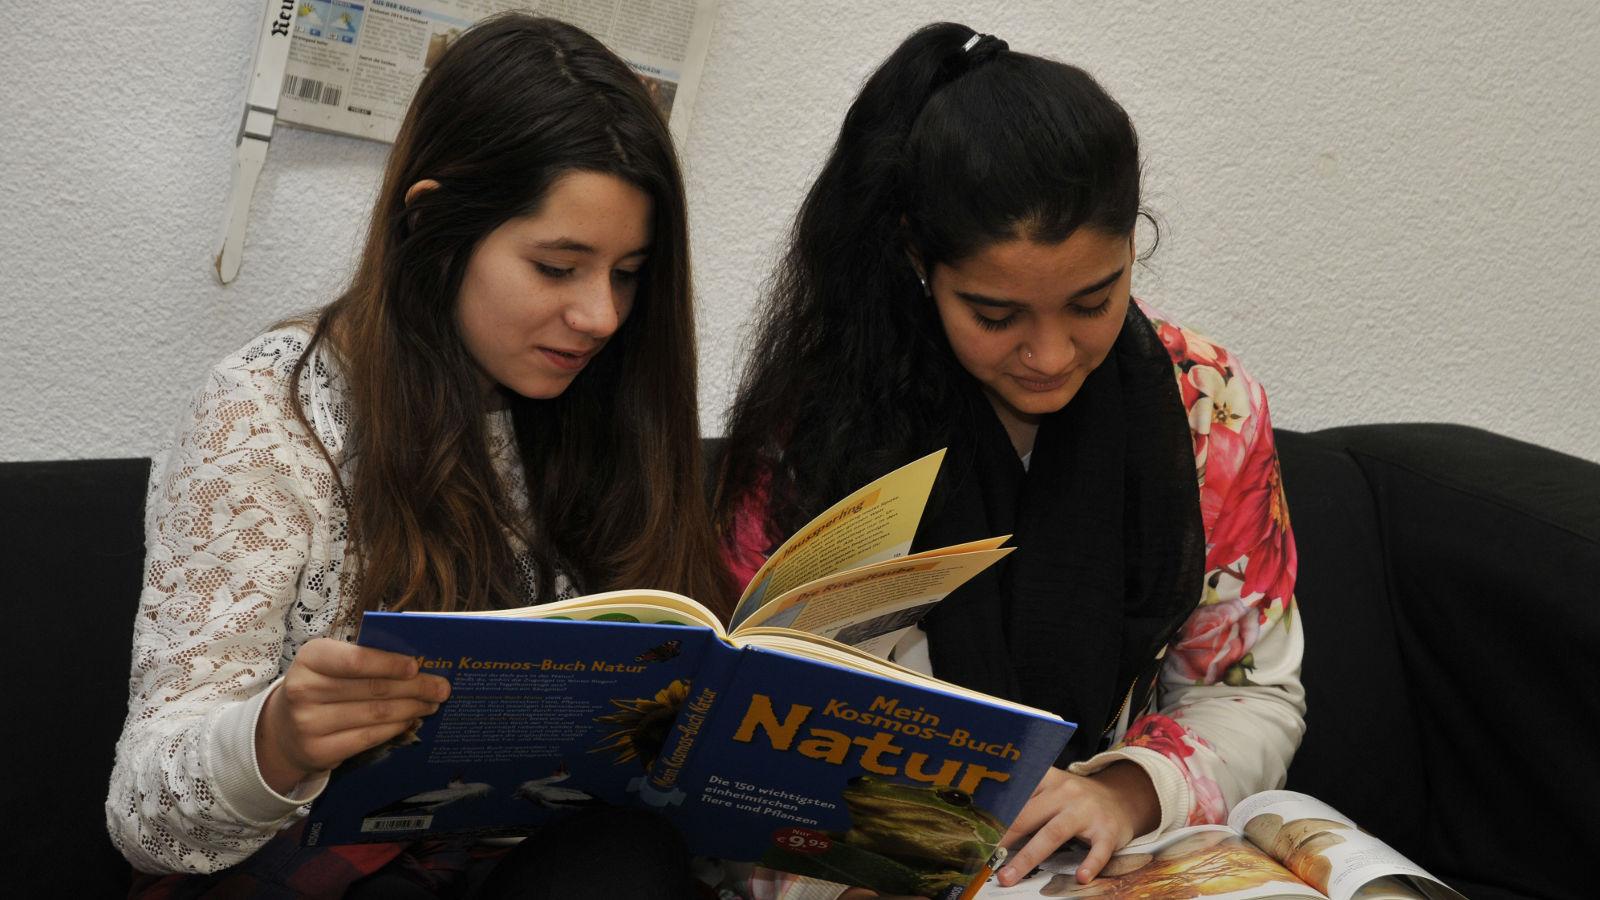 Gemeinsames Lesen zweier Mädchen